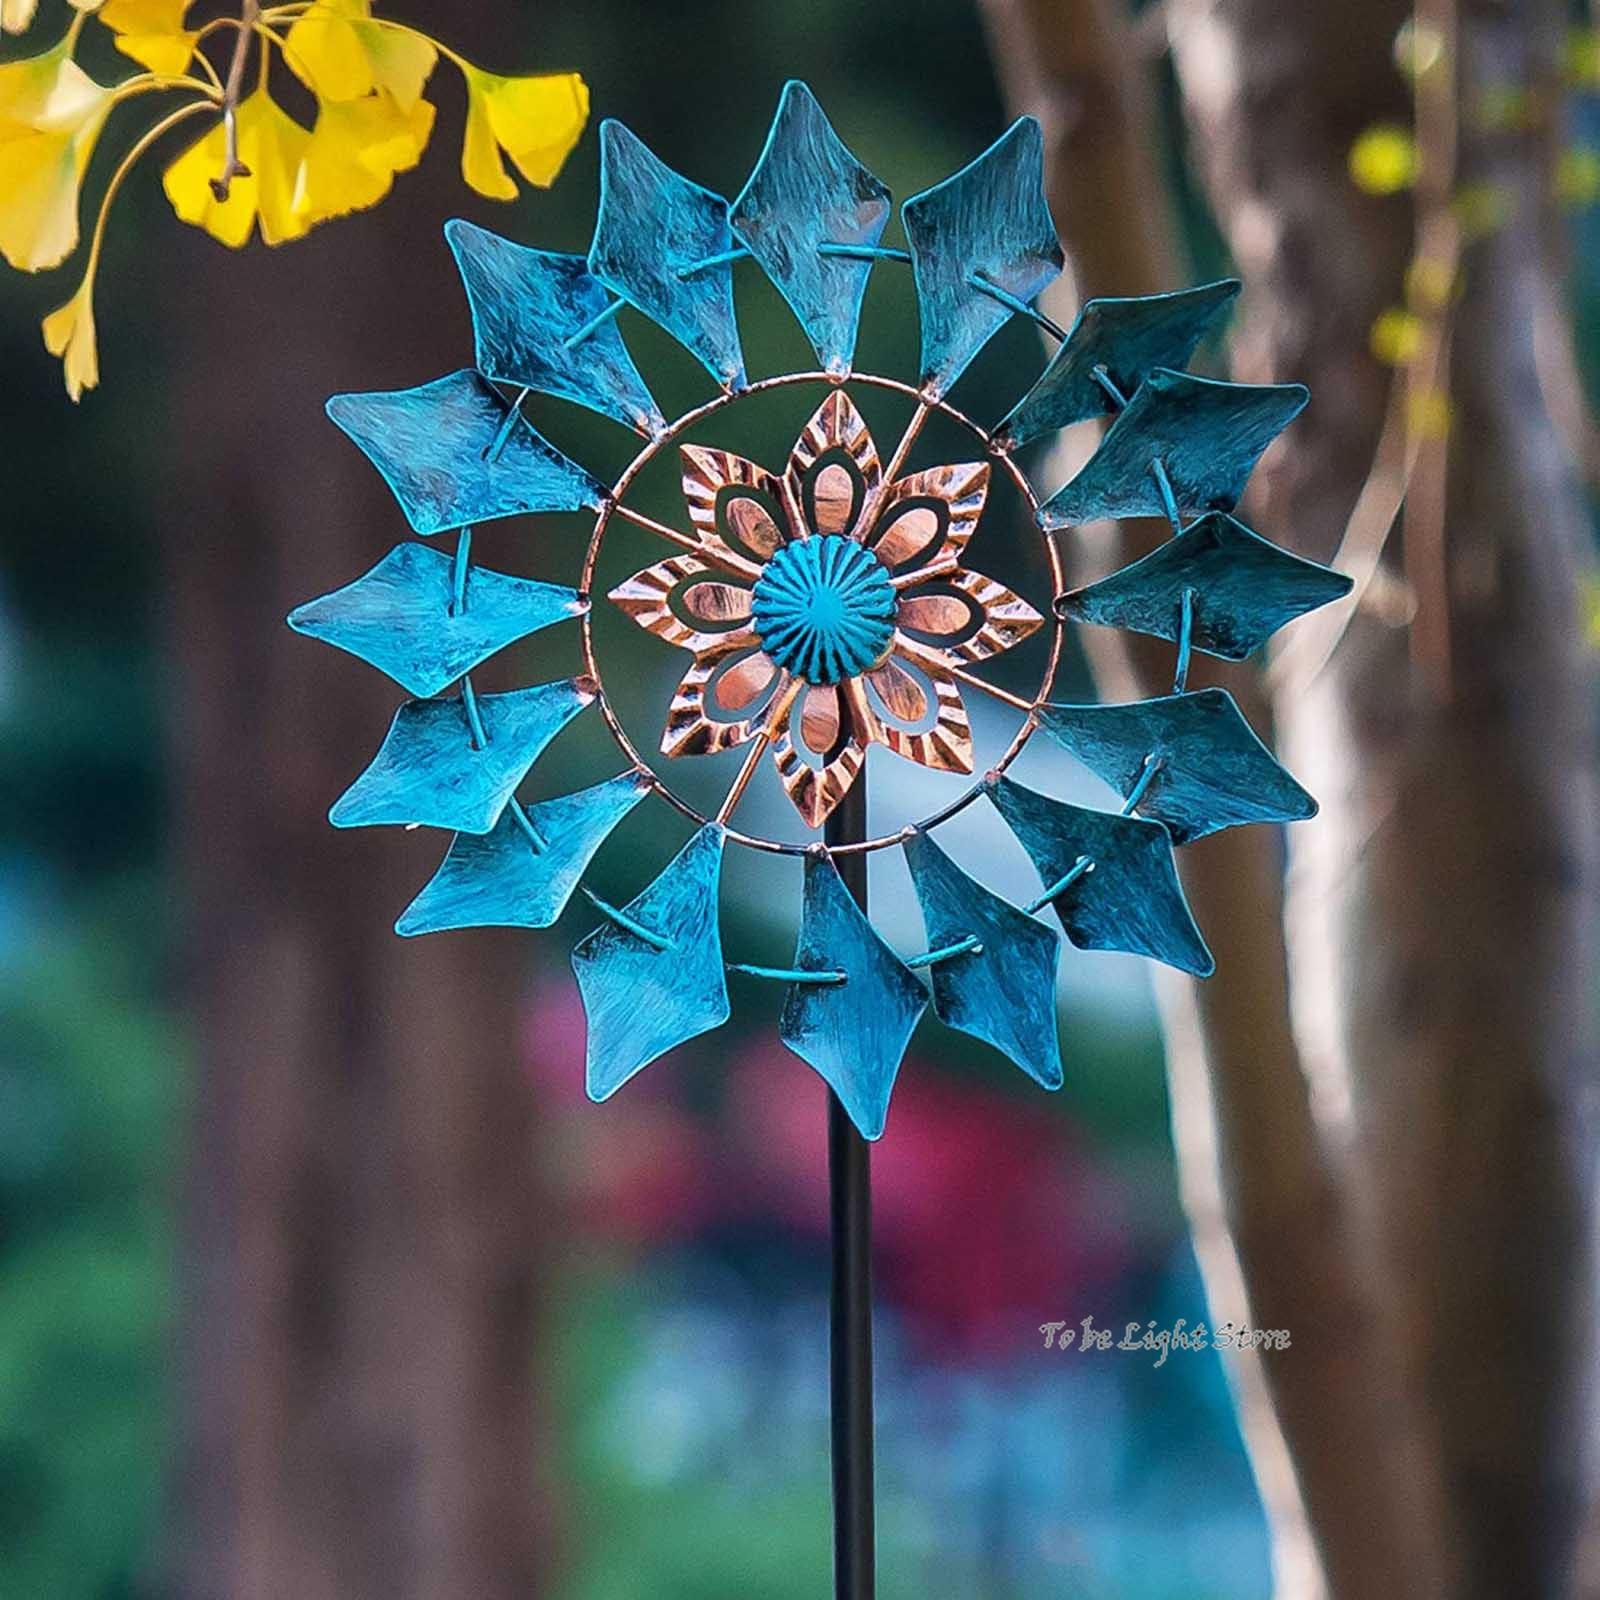 Садовый Спиннер, висячий Спиннер с мандалой и пламенем, 3D Спиннер из нержавеющей стали, легкий вращающийся кинетический Спиннер